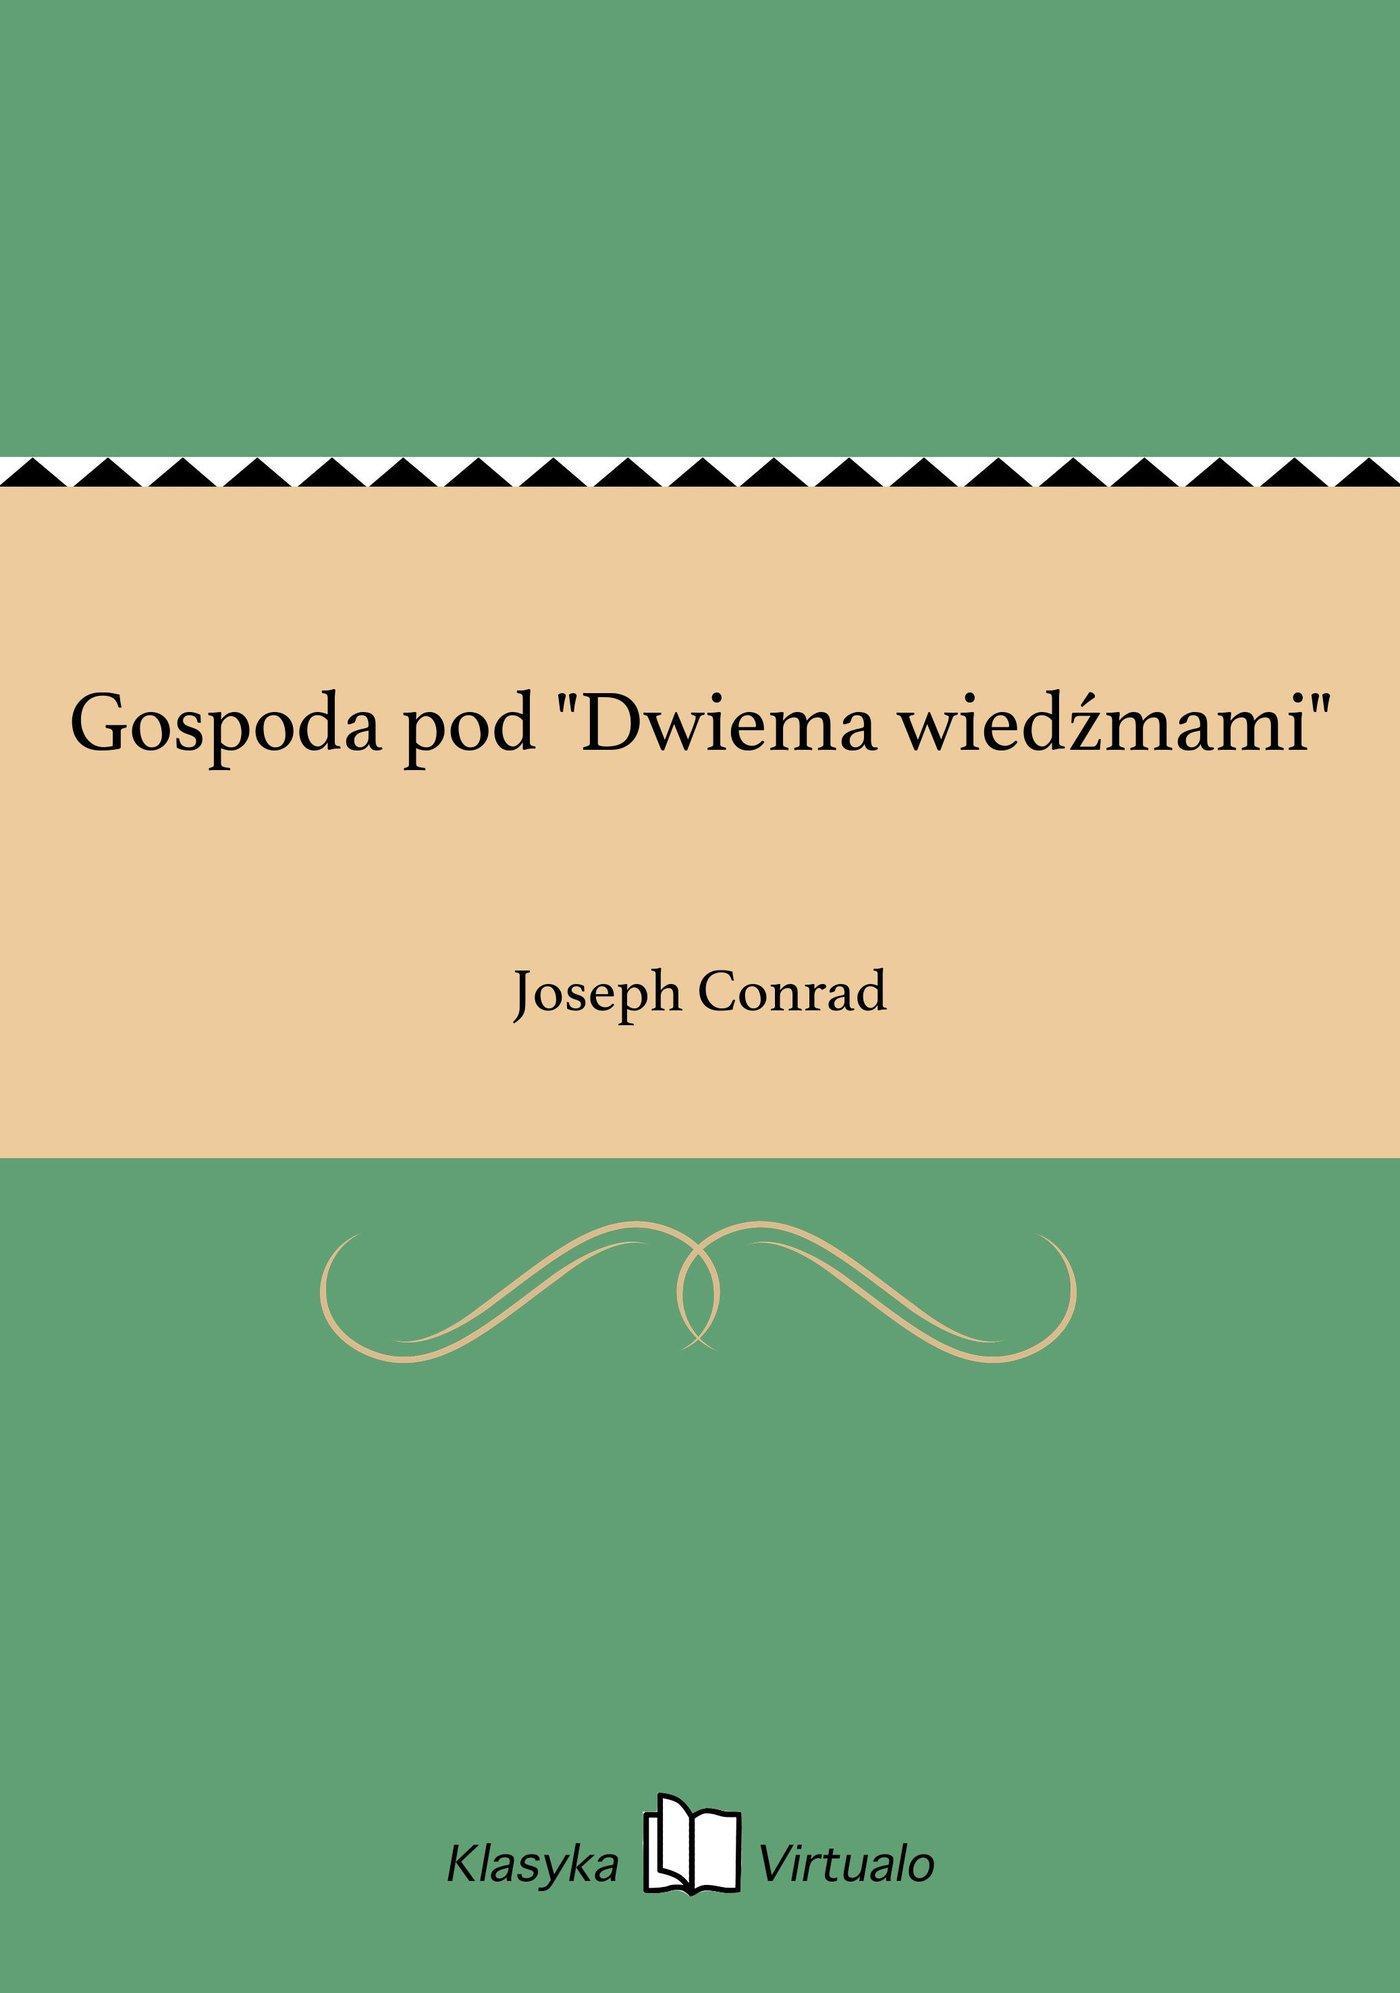 """Gospoda pod """"Dwiema wiedźmami"""" - Ebook (Książka EPUB) do pobrania w formacie EPUB"""